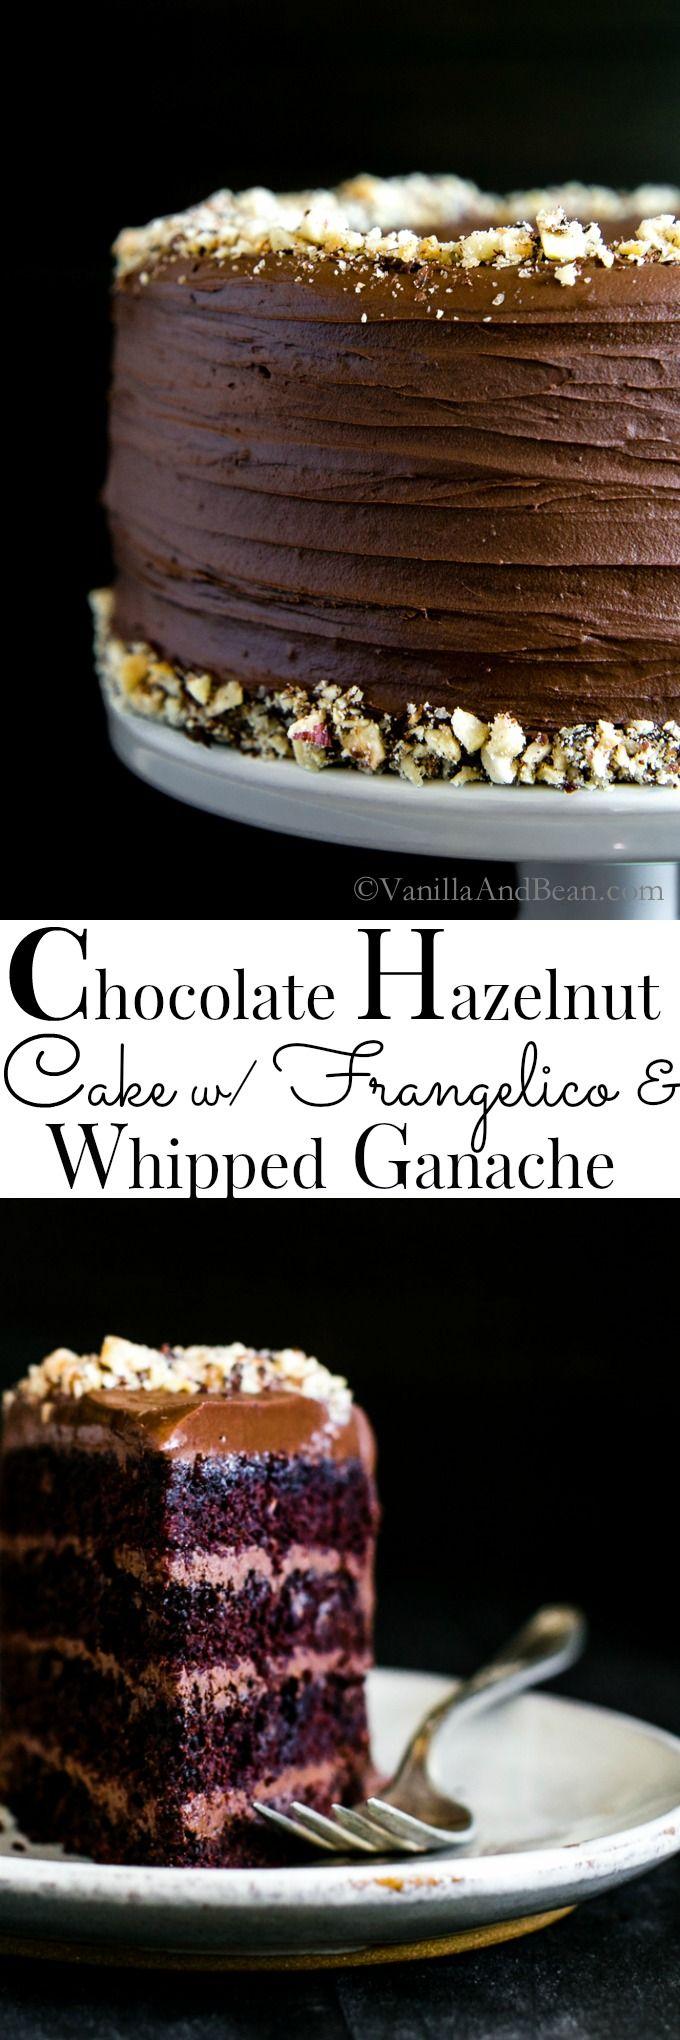 Vegan Chocolate Hazelnut Cake with Whipped Ganache | Egg free, Dairy free | Vanilla And Bean